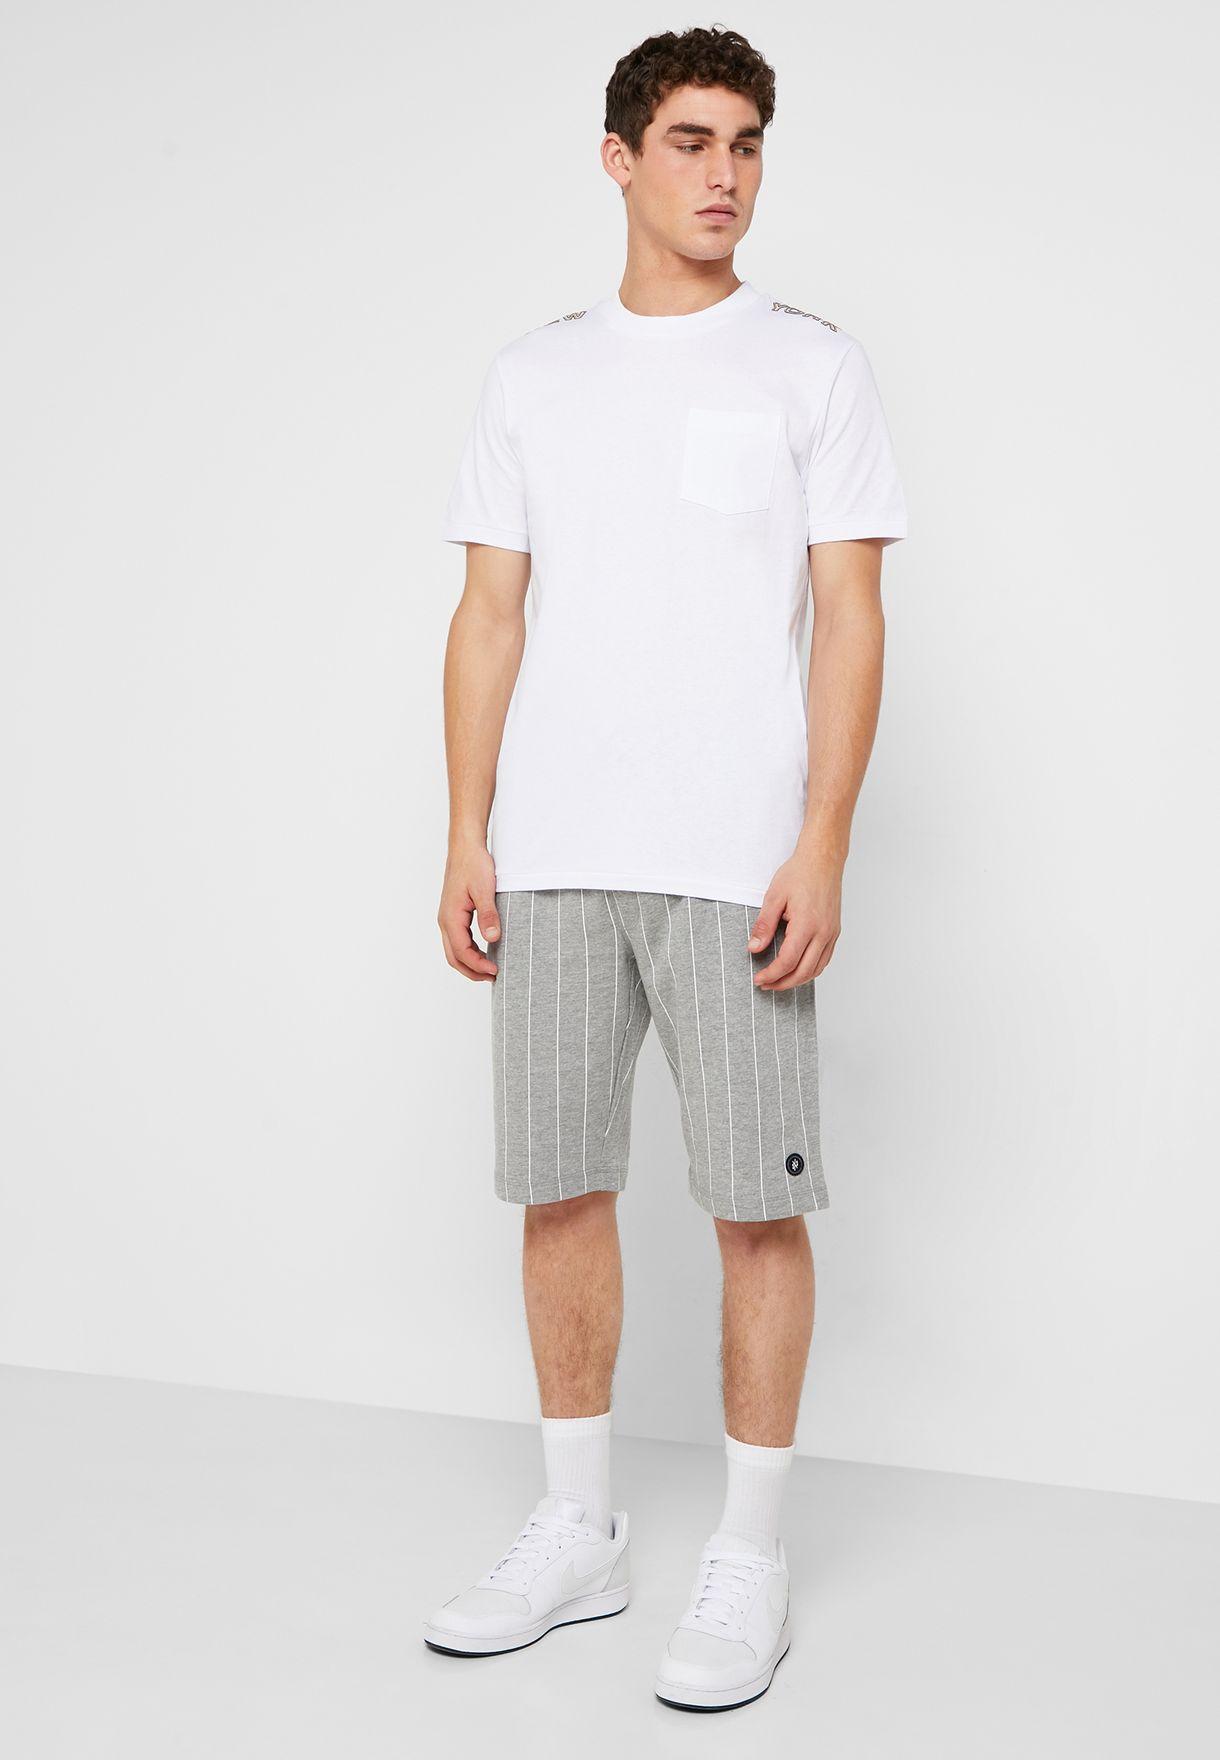 Pinstripe Sweat Shorts